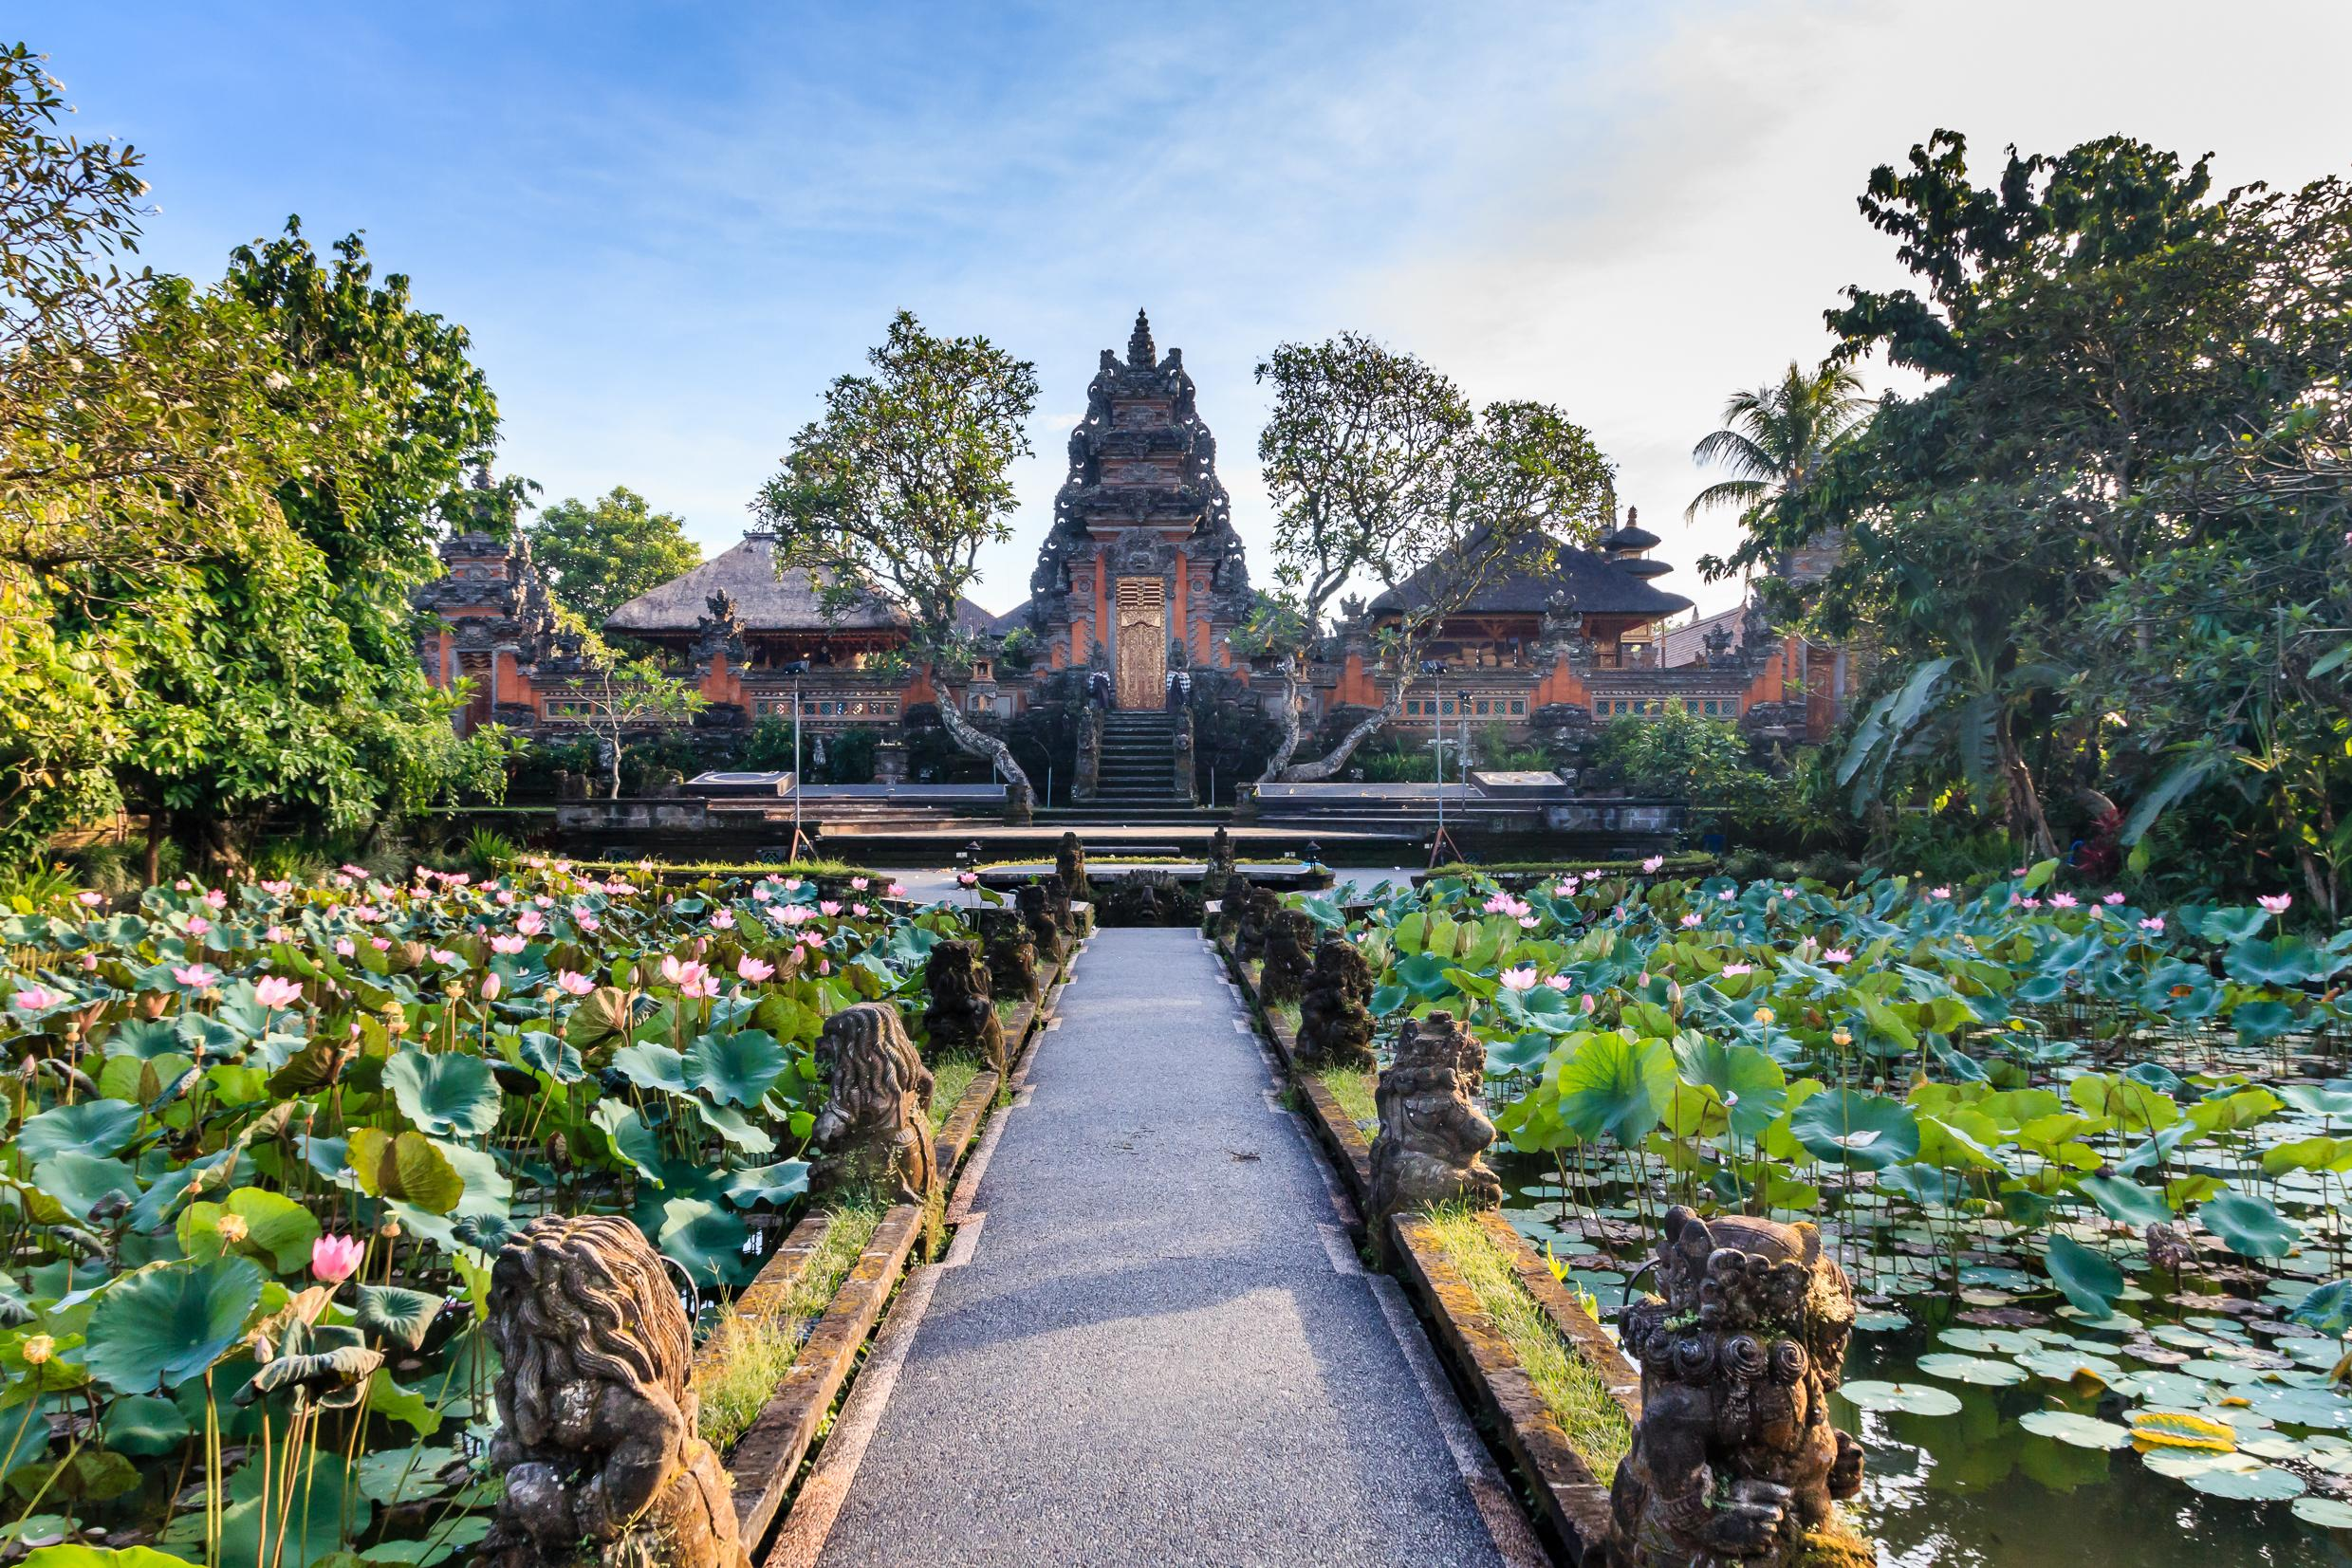 Itinerario de 3 días en Ubud y alrededores, Bali